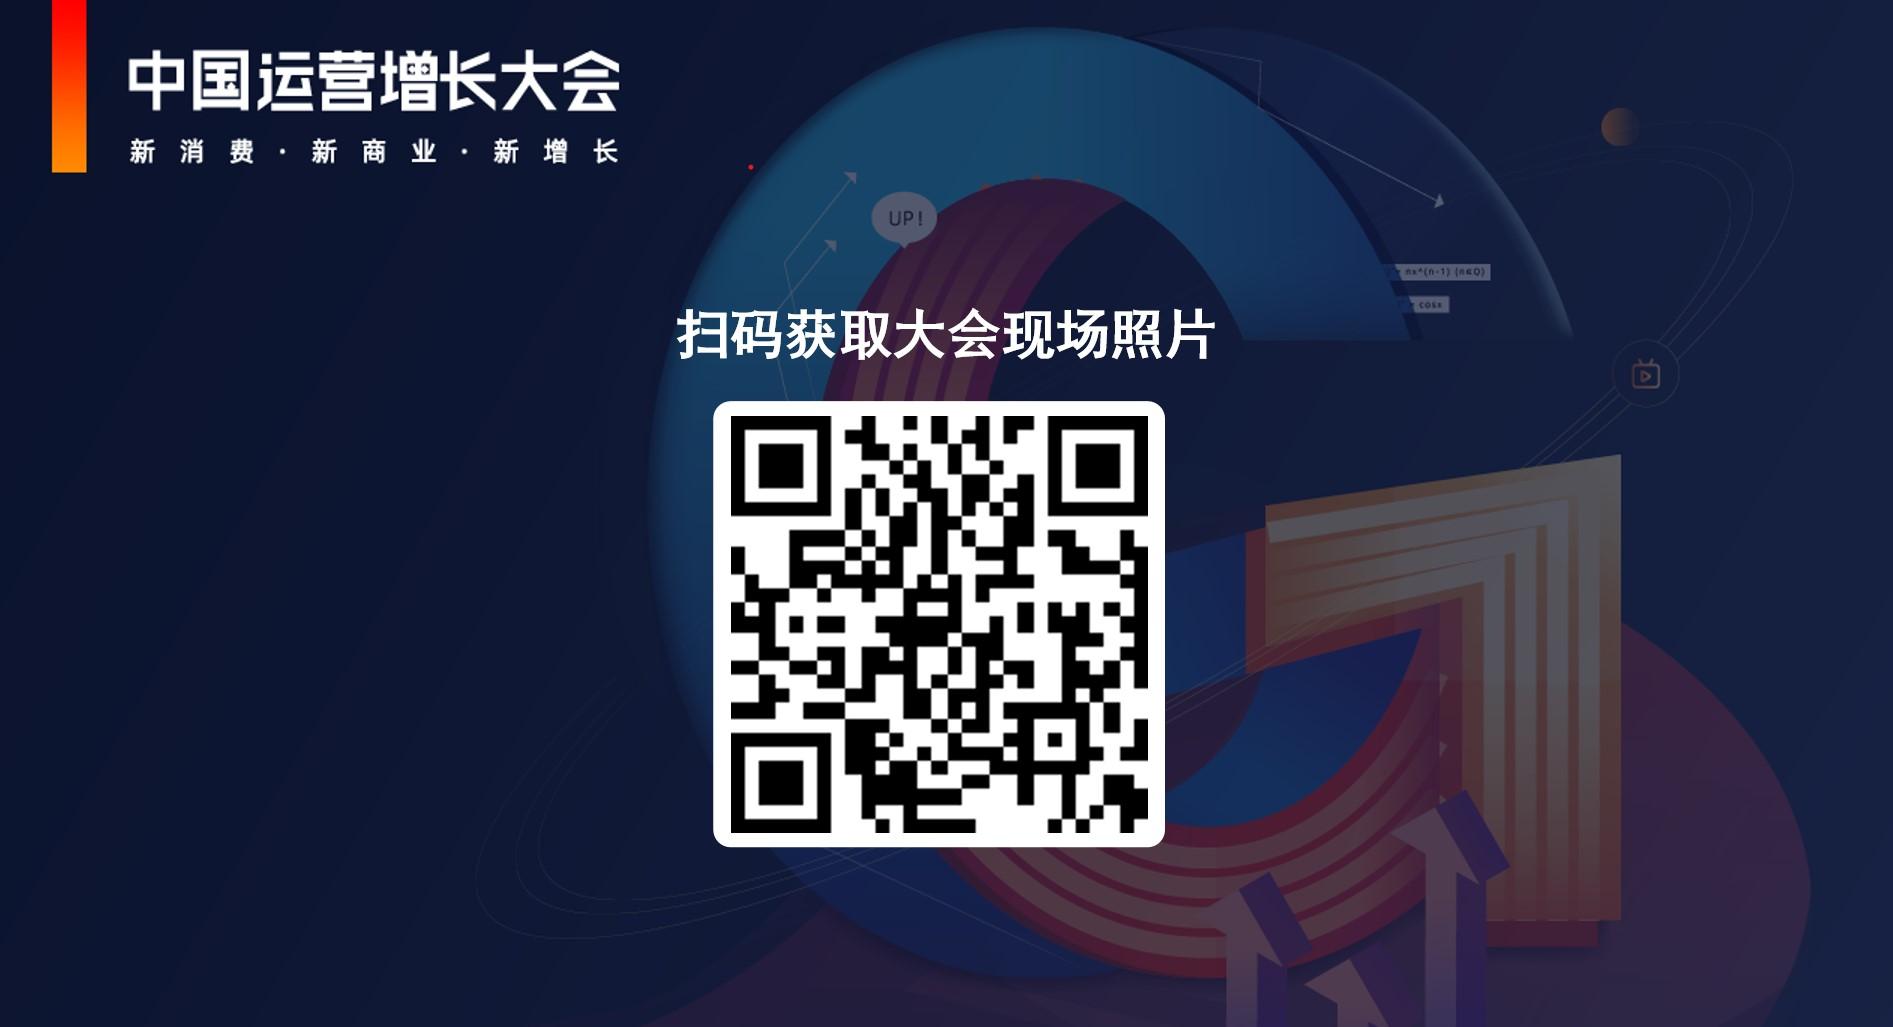 竞争没有结束而是刚刚开始——2021中国运营增长会·深圳站现场报道(图48)